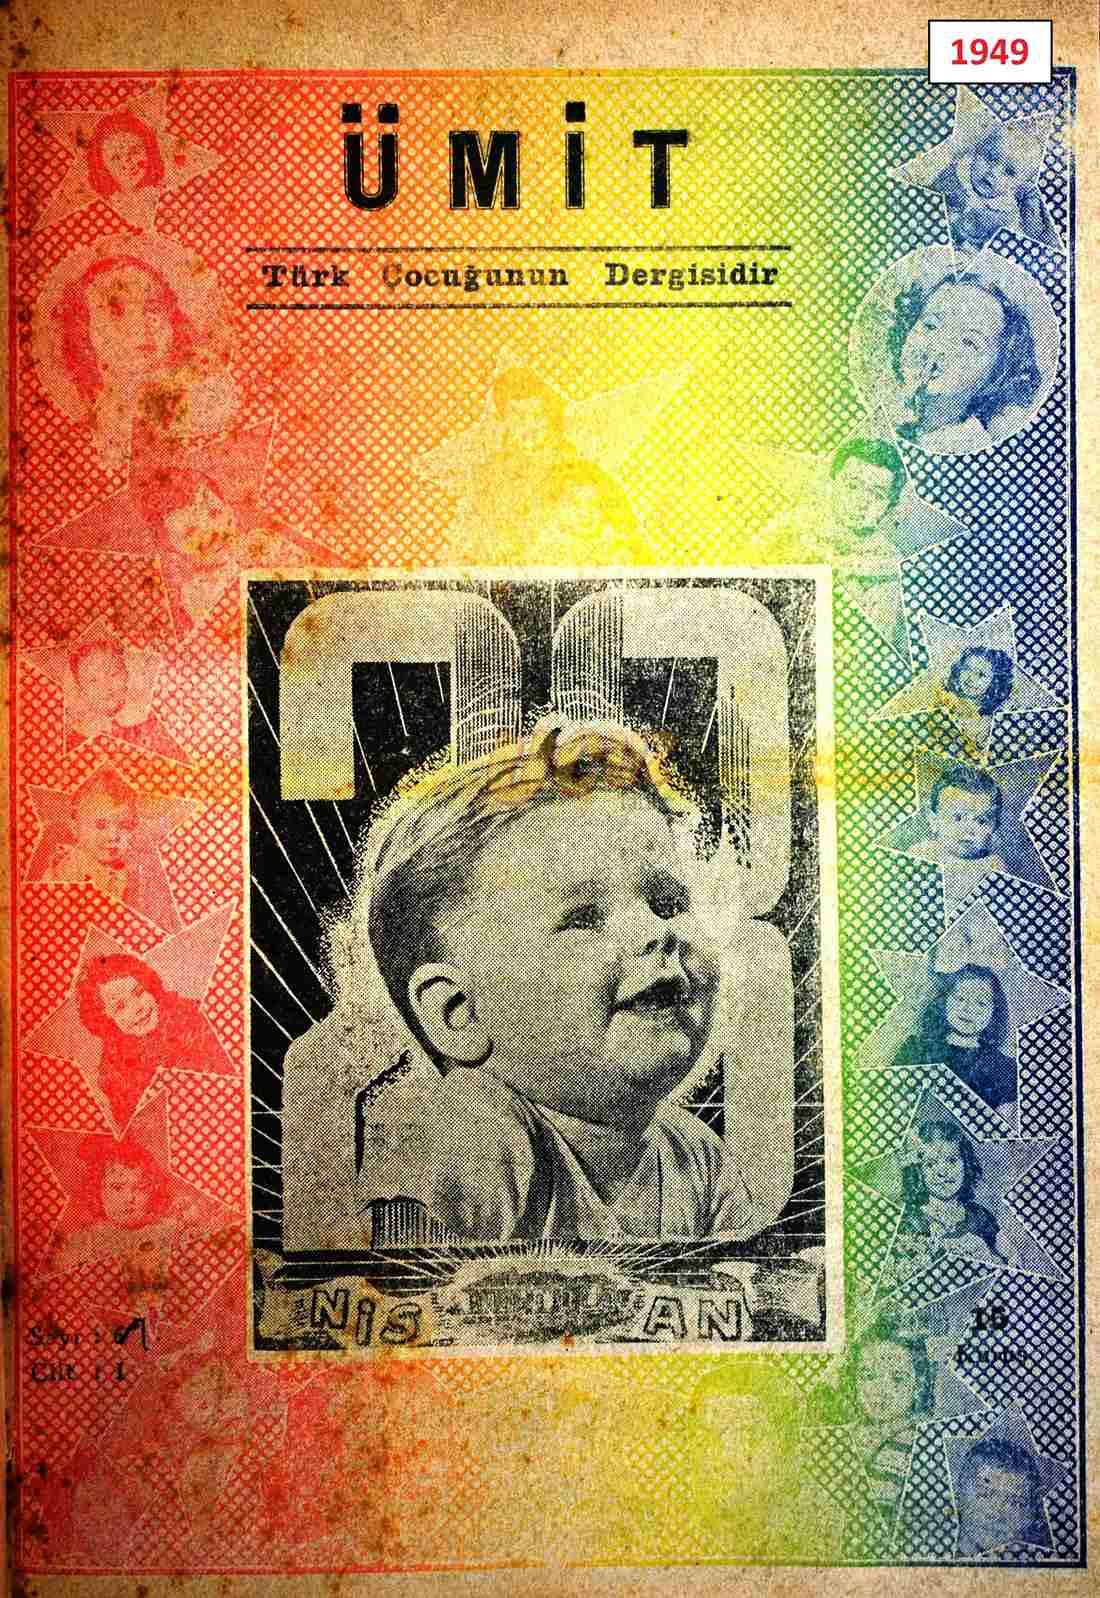 1949 ümit 1